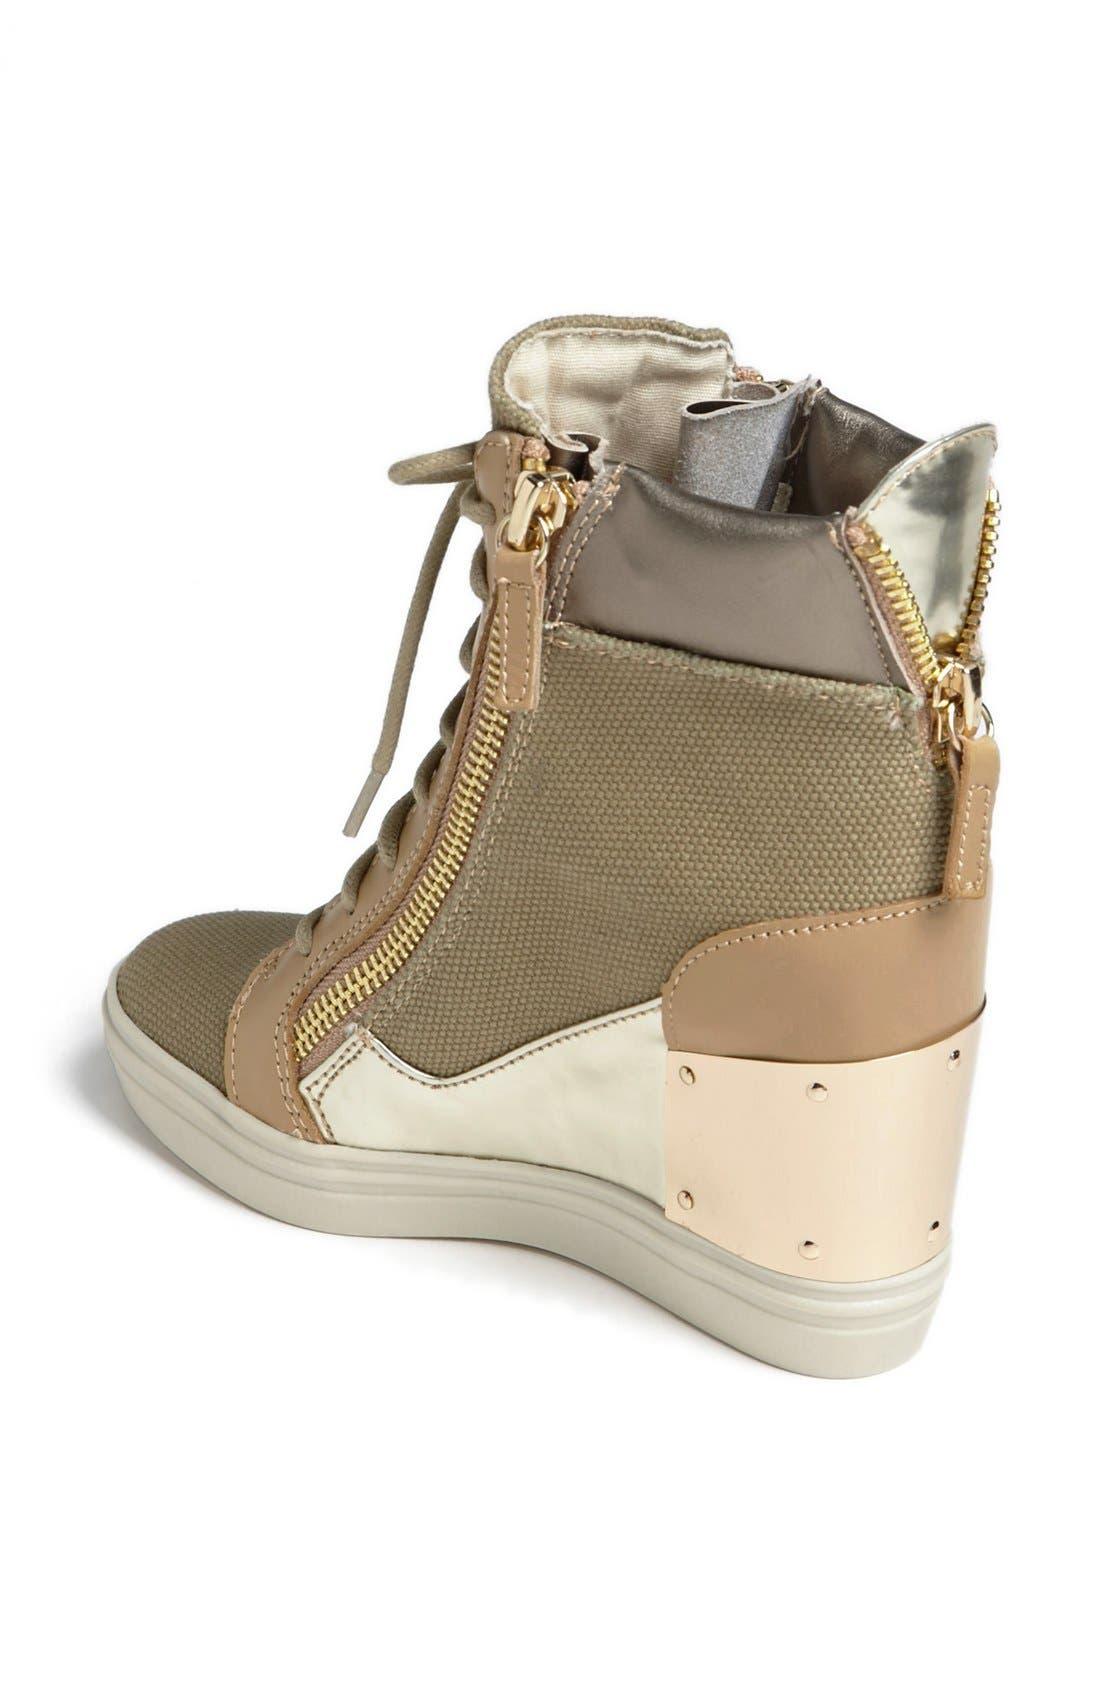 Alternate Image 2  - Steve Madden 'Lexing' Wedge Sneaker